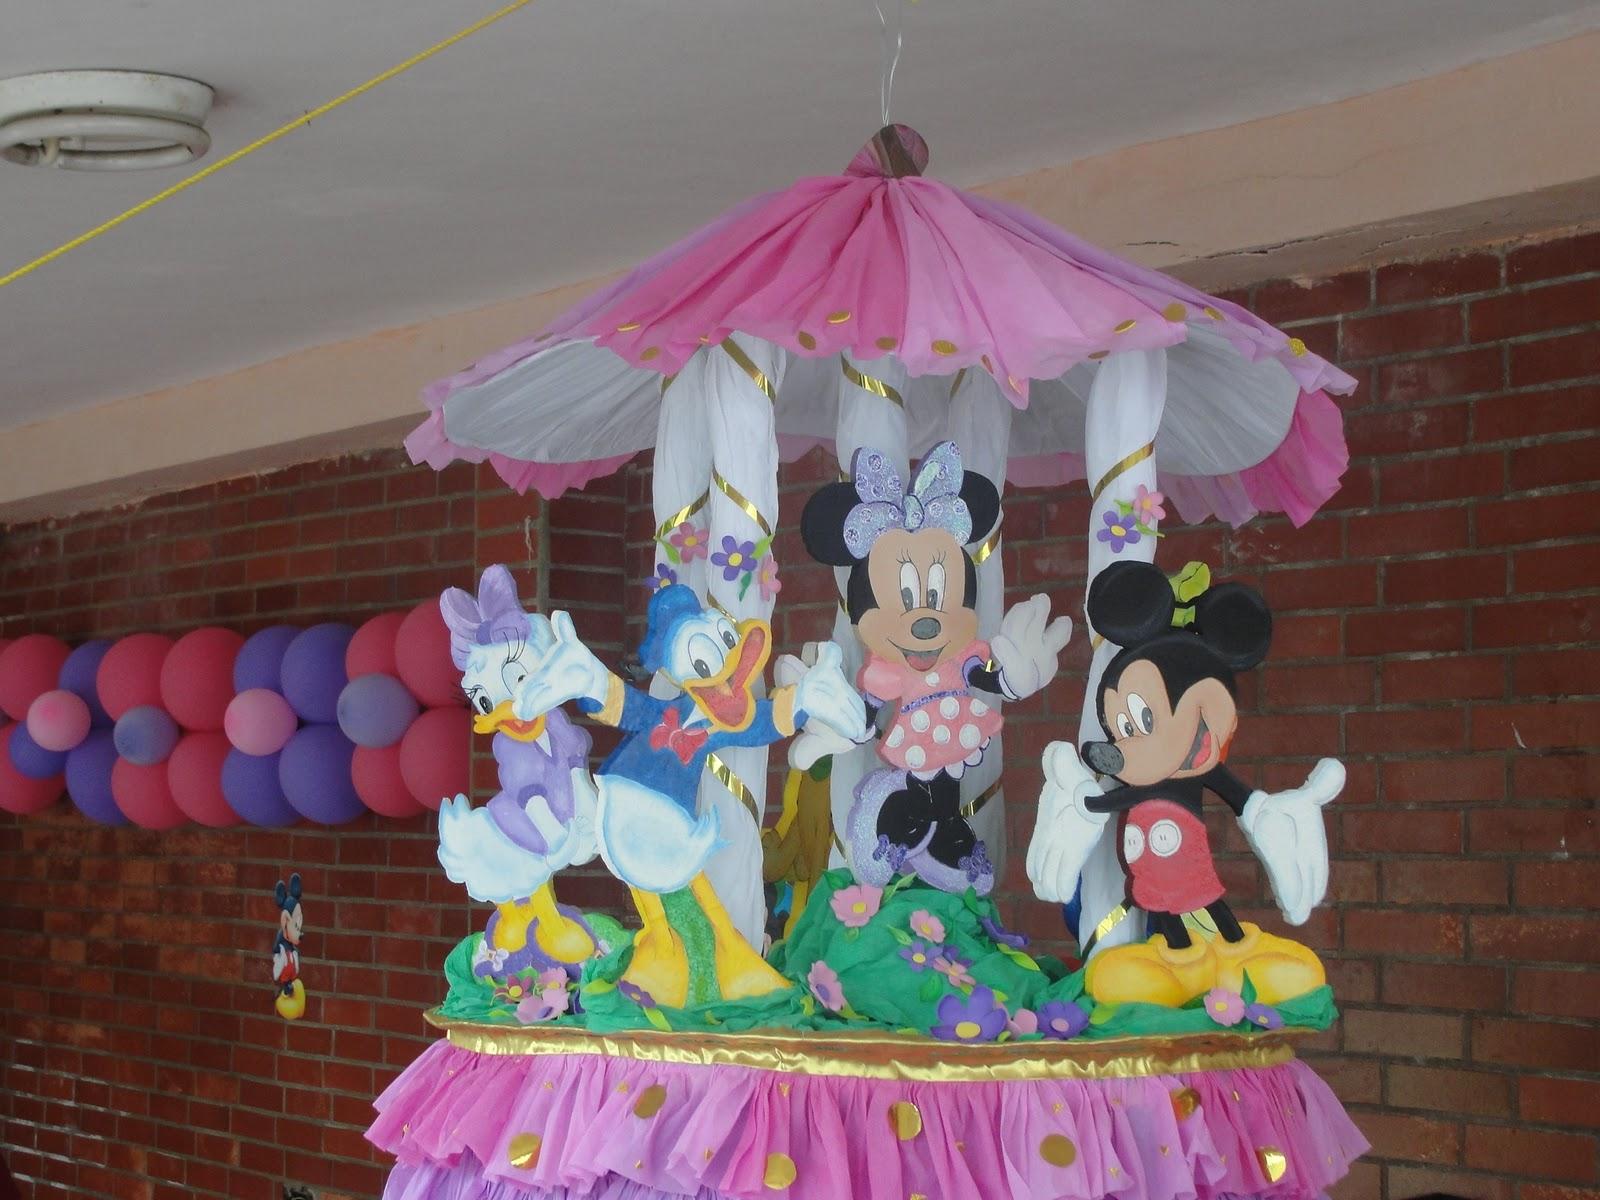 Decoraciones carmen urdaneta se hacen todo tipo de for Decoracion de pinatas infantiles